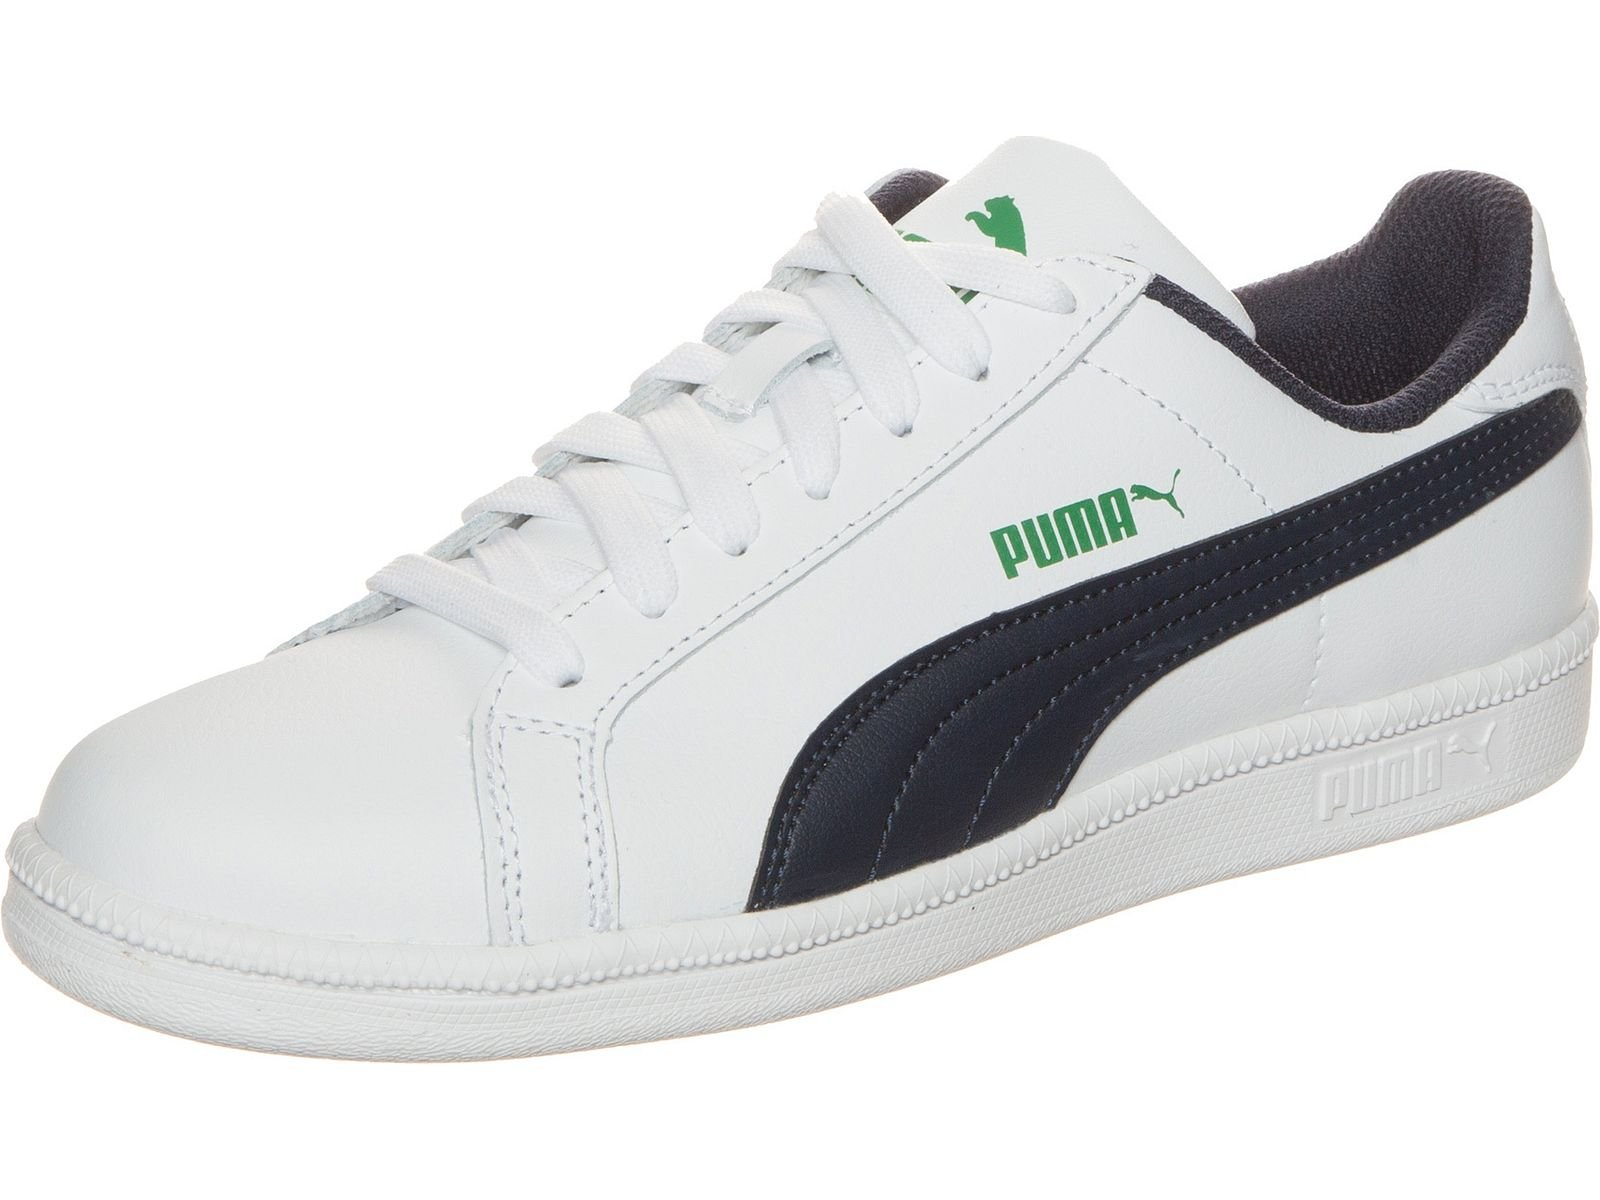 Puma Buty SMASH FUN L JR (39) Dziecięce 7366262246